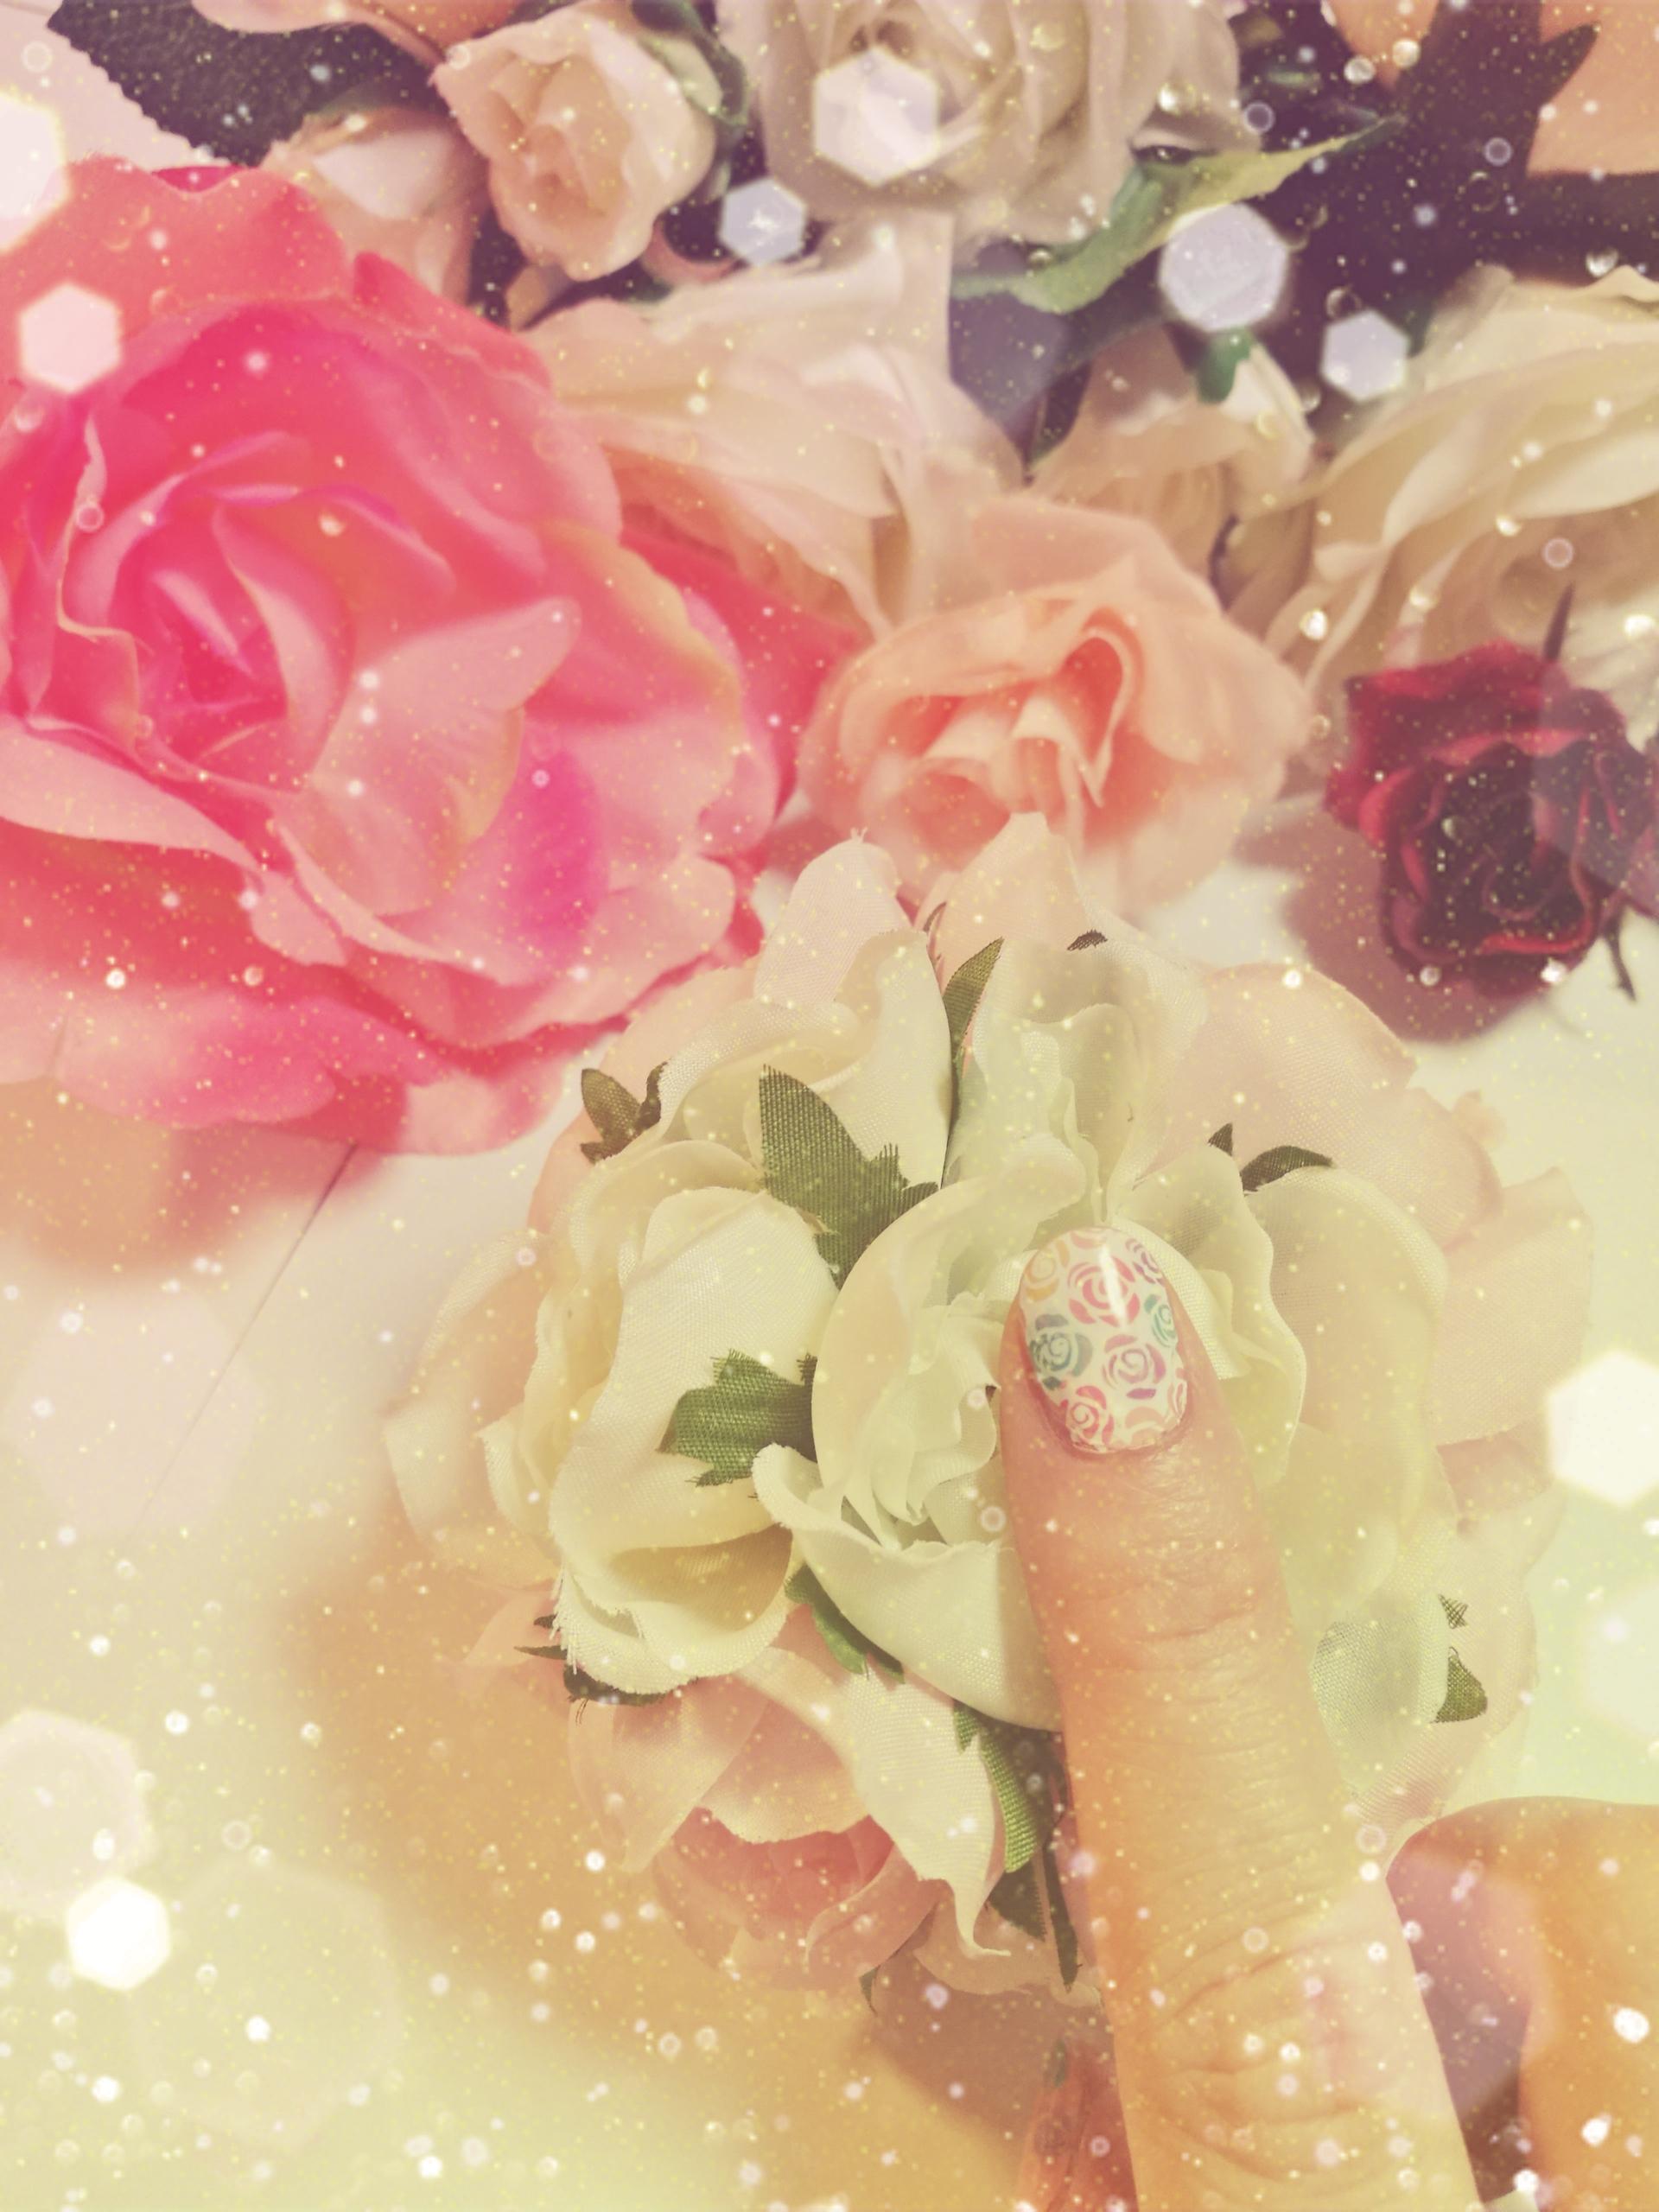 MOYOU LONDONでカラフルなバラに挑戦!動画で紹介するネイル術